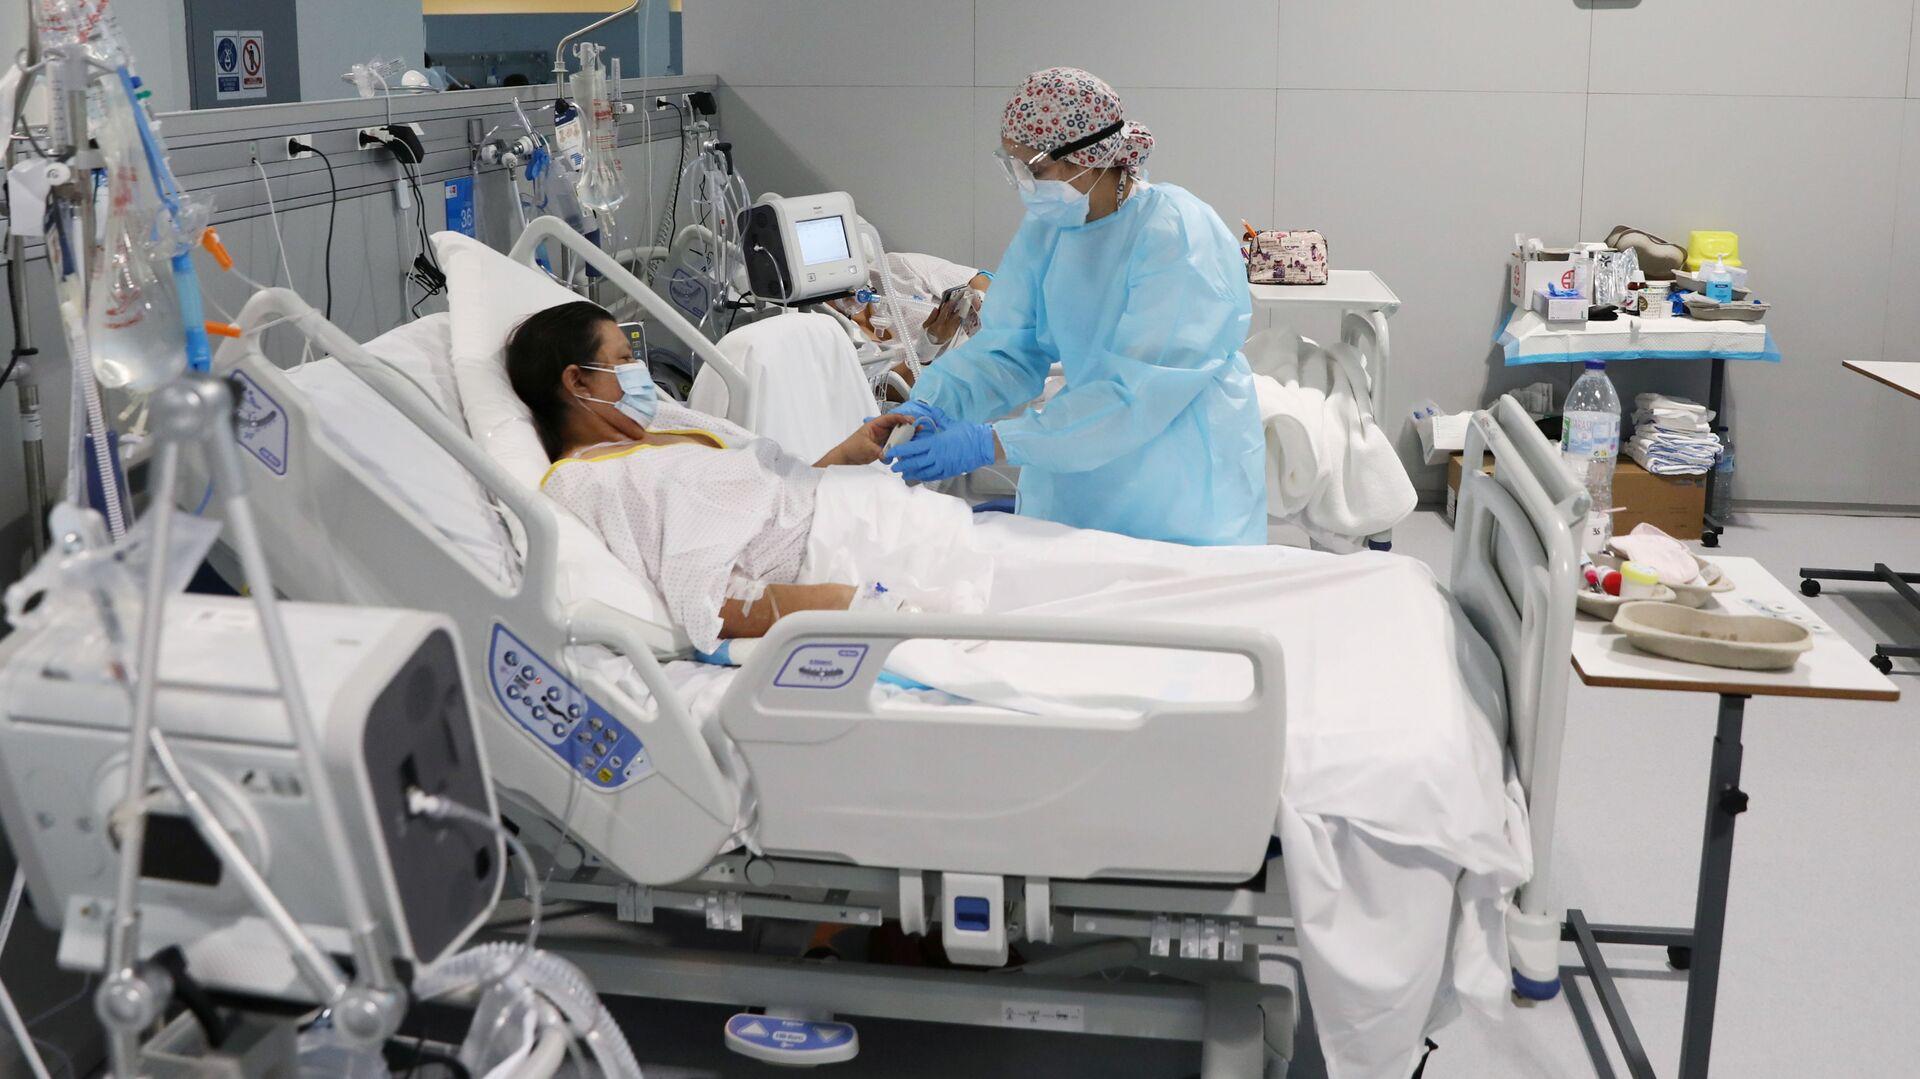 Paciente con COVID-19 en el hospital Enfermera Isabel Zendal en Madrid, España - Sputnik Mundo, 1920, 11.05.2021